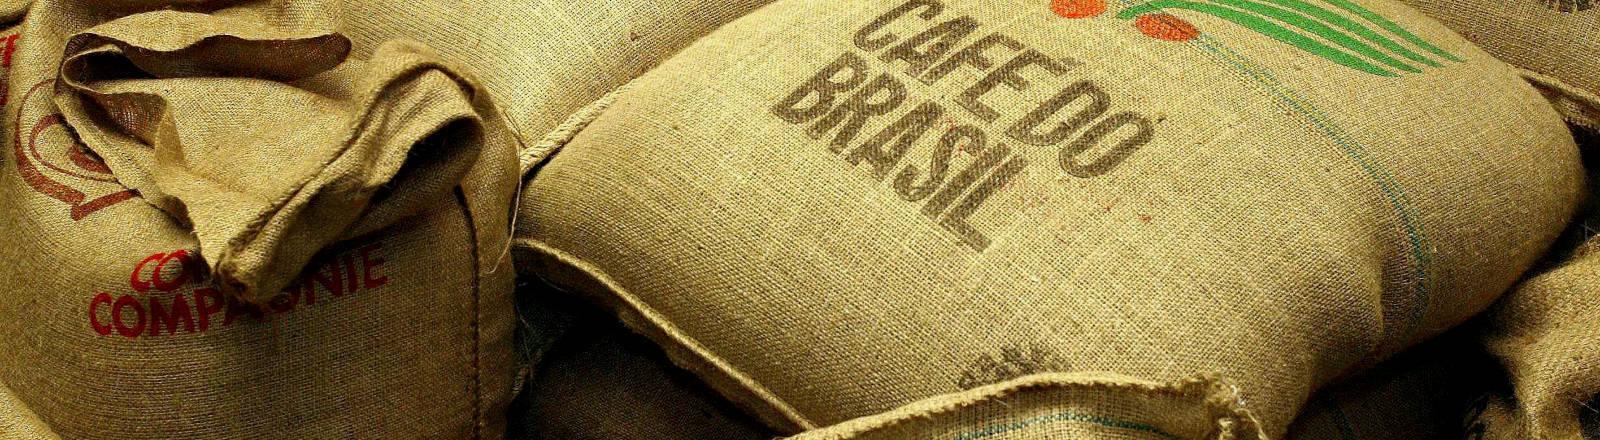 Kaffeesäcke in einem Lager